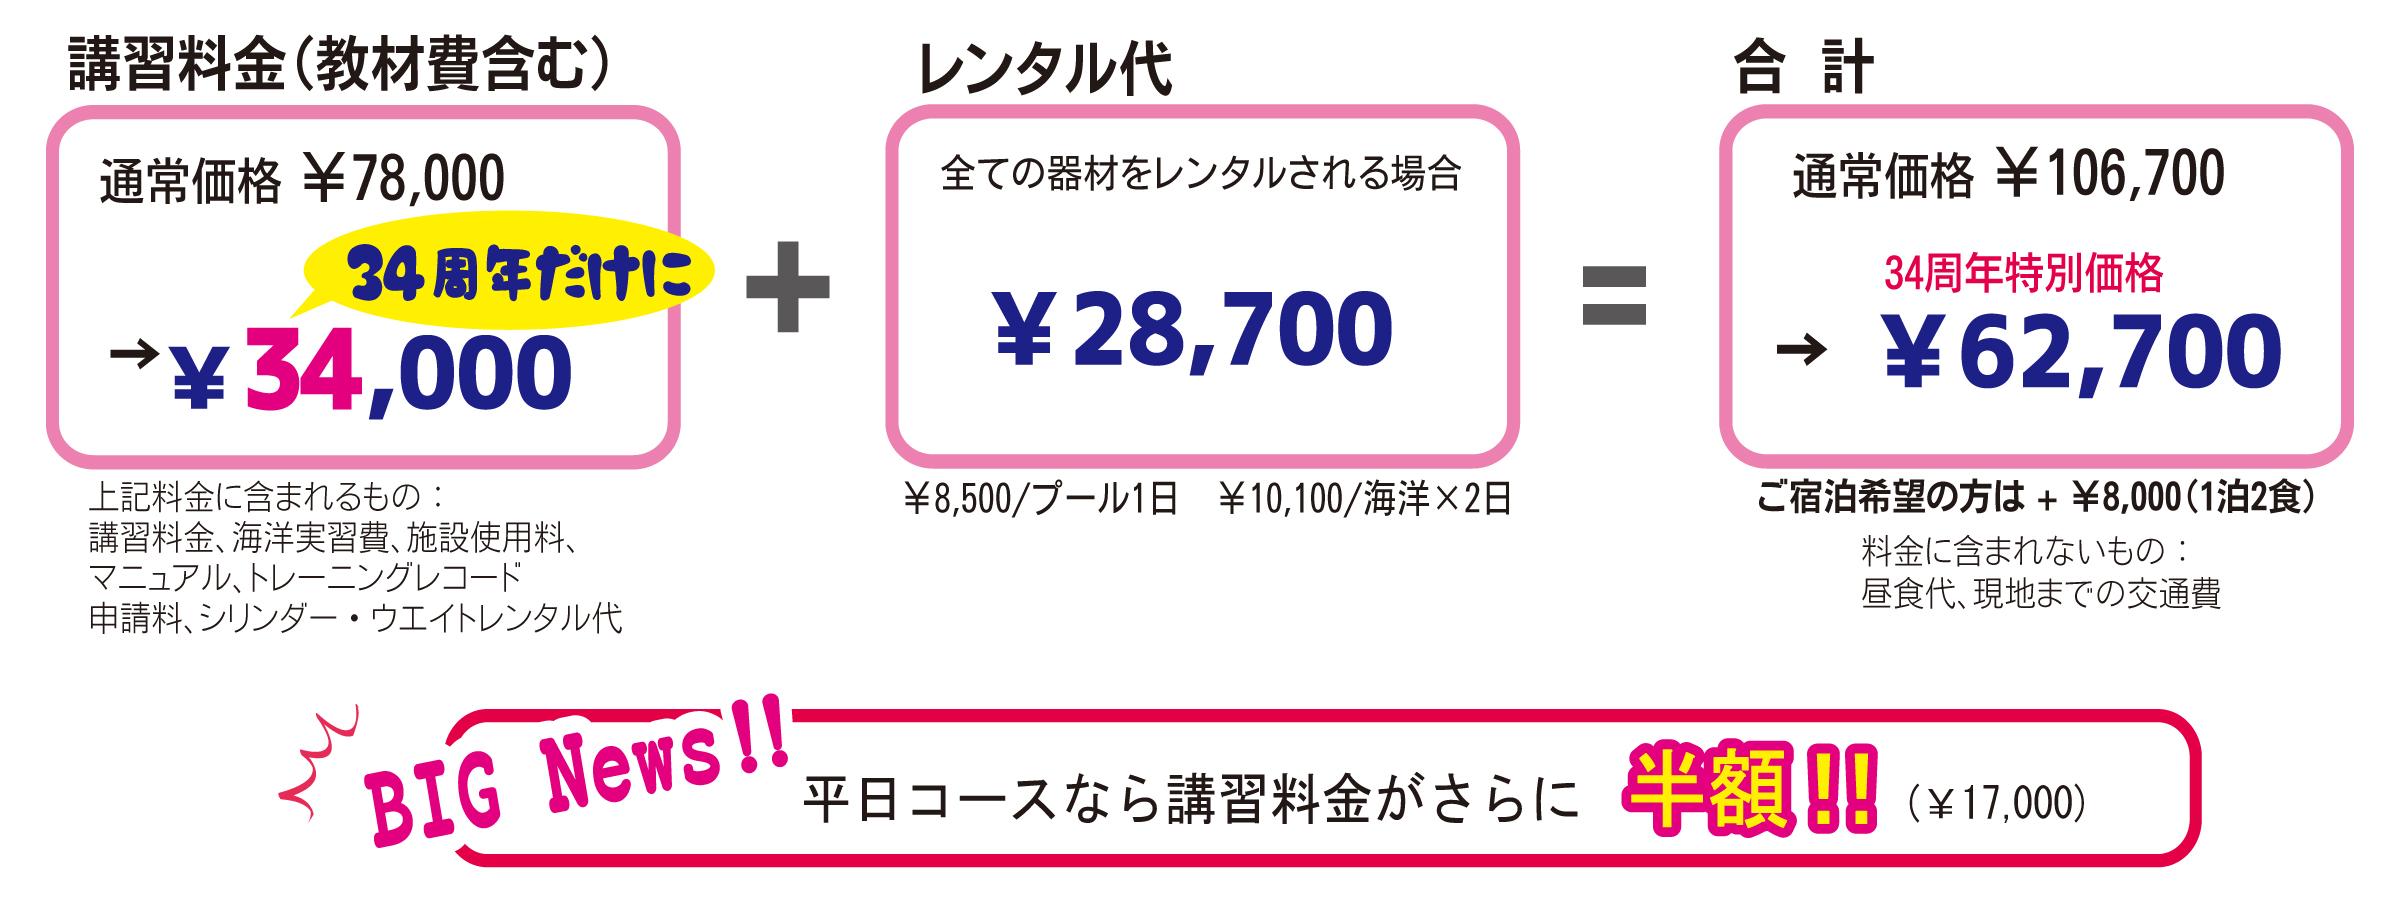 講習料金34,000円+レンタル代28,700円=62,700円